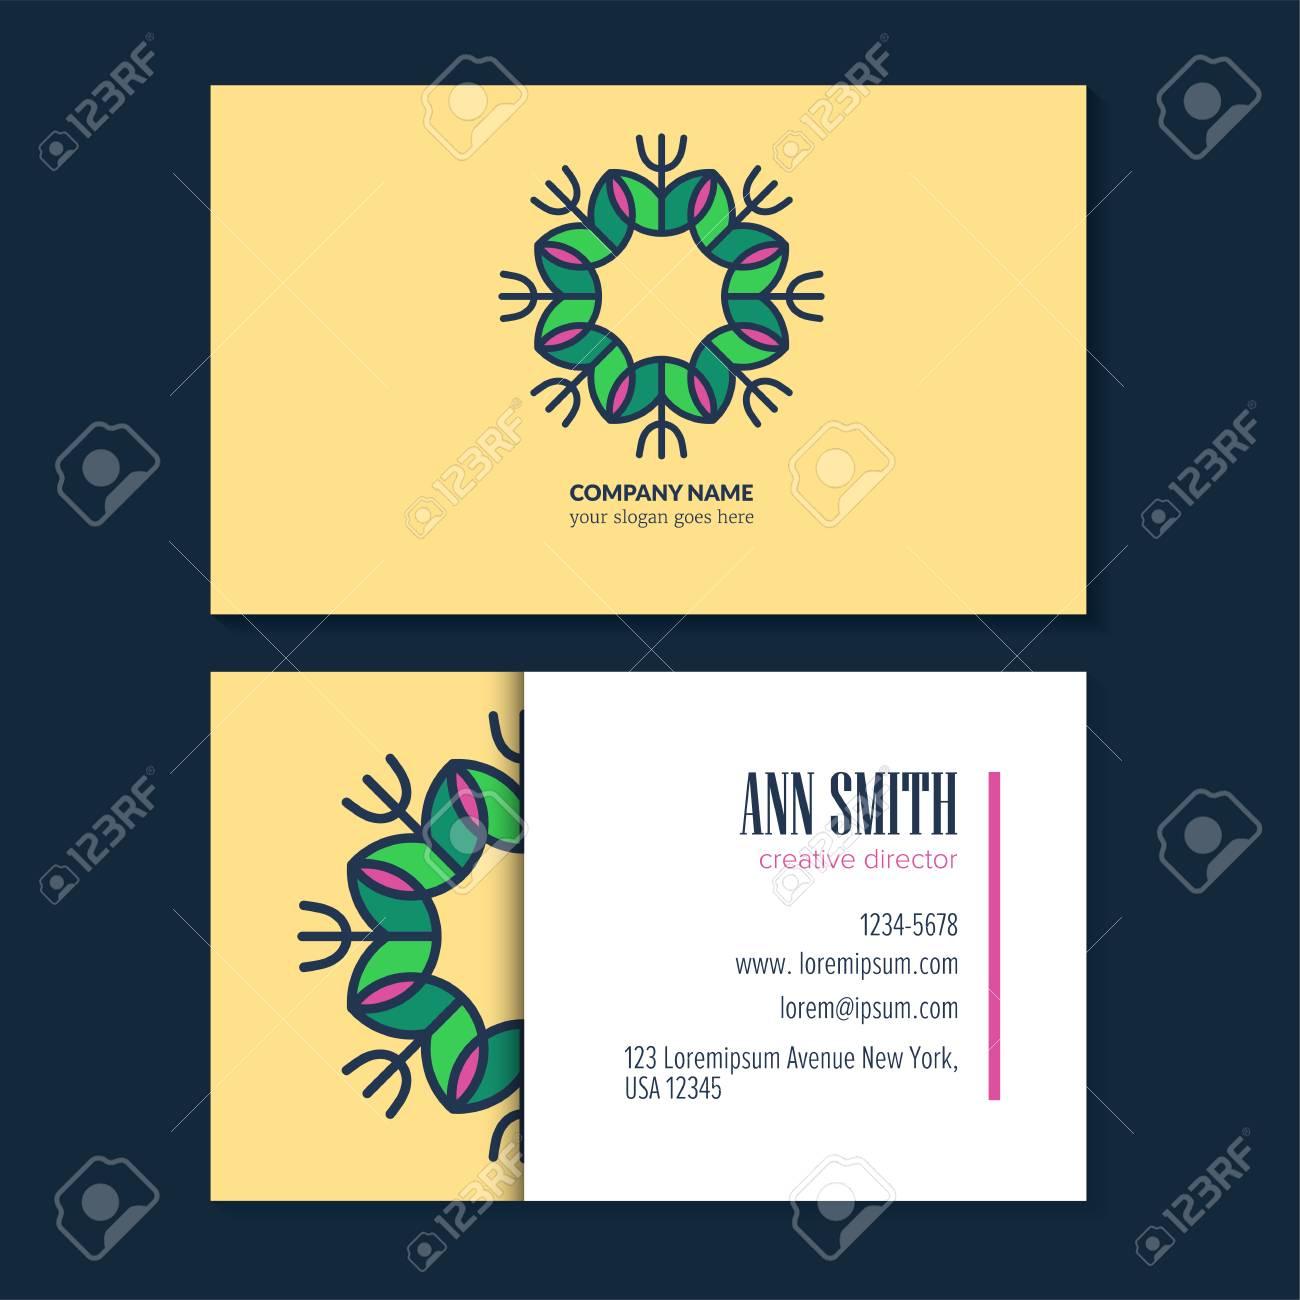 Lgant Dessin Au Trait Logo Design Avec Carte De Visite Modle